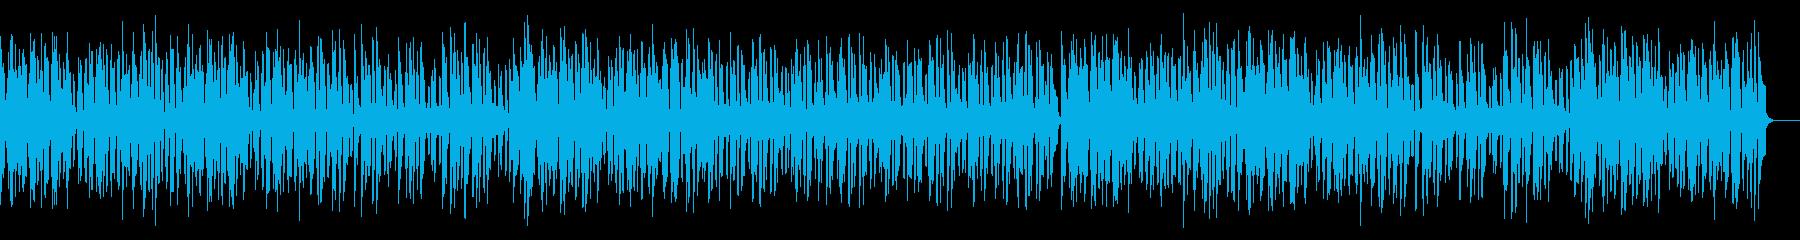 メルヘンで明るく跳ねる可愛いワルツの再生済みの波形